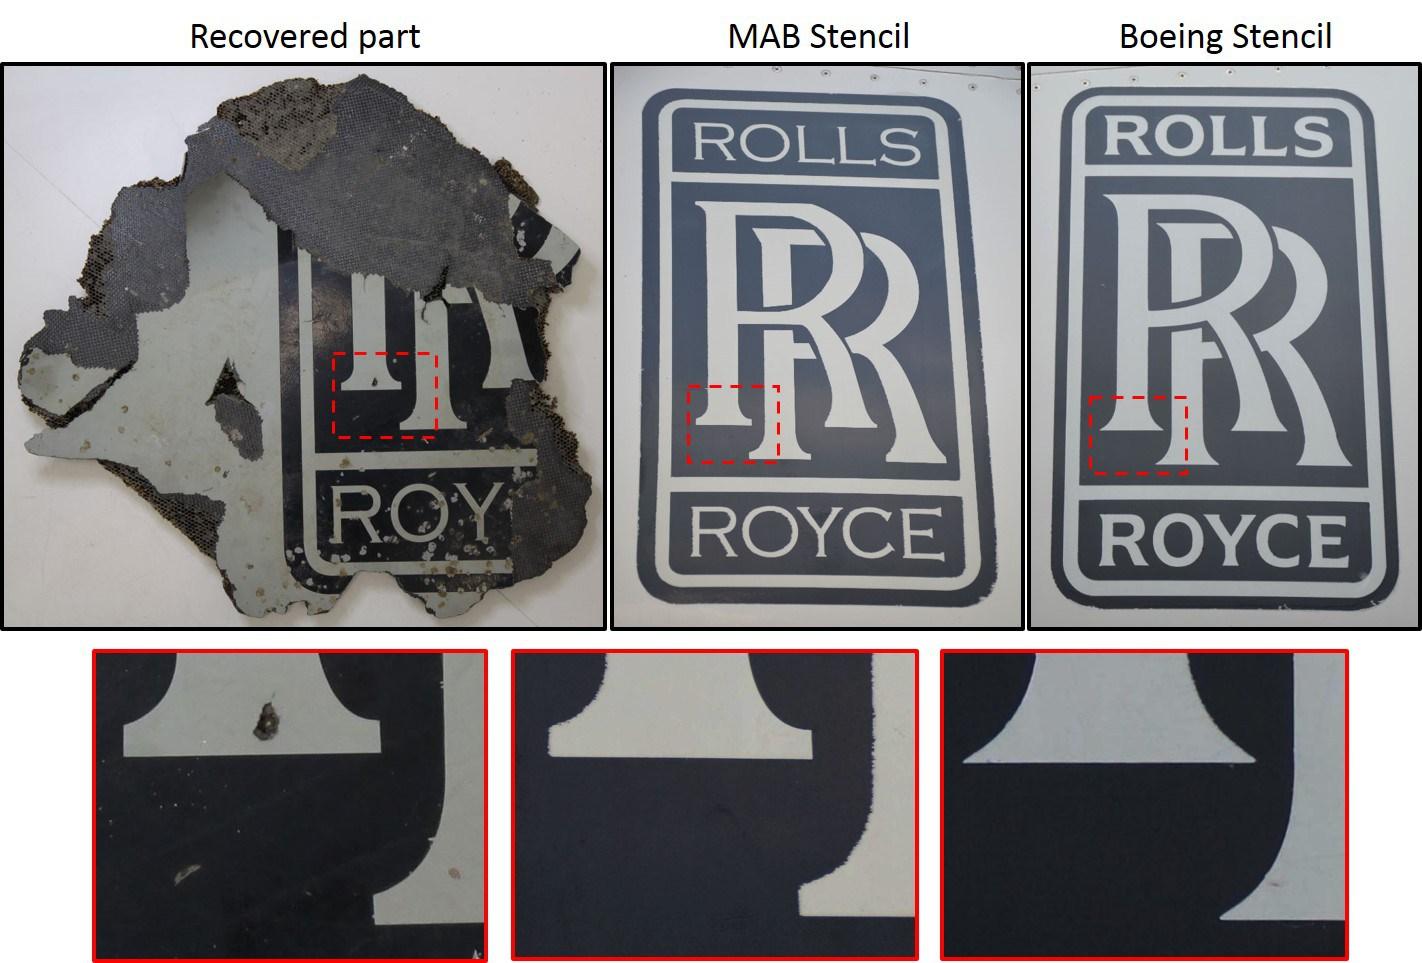 rid16-rr-stencil-comparison.jpg